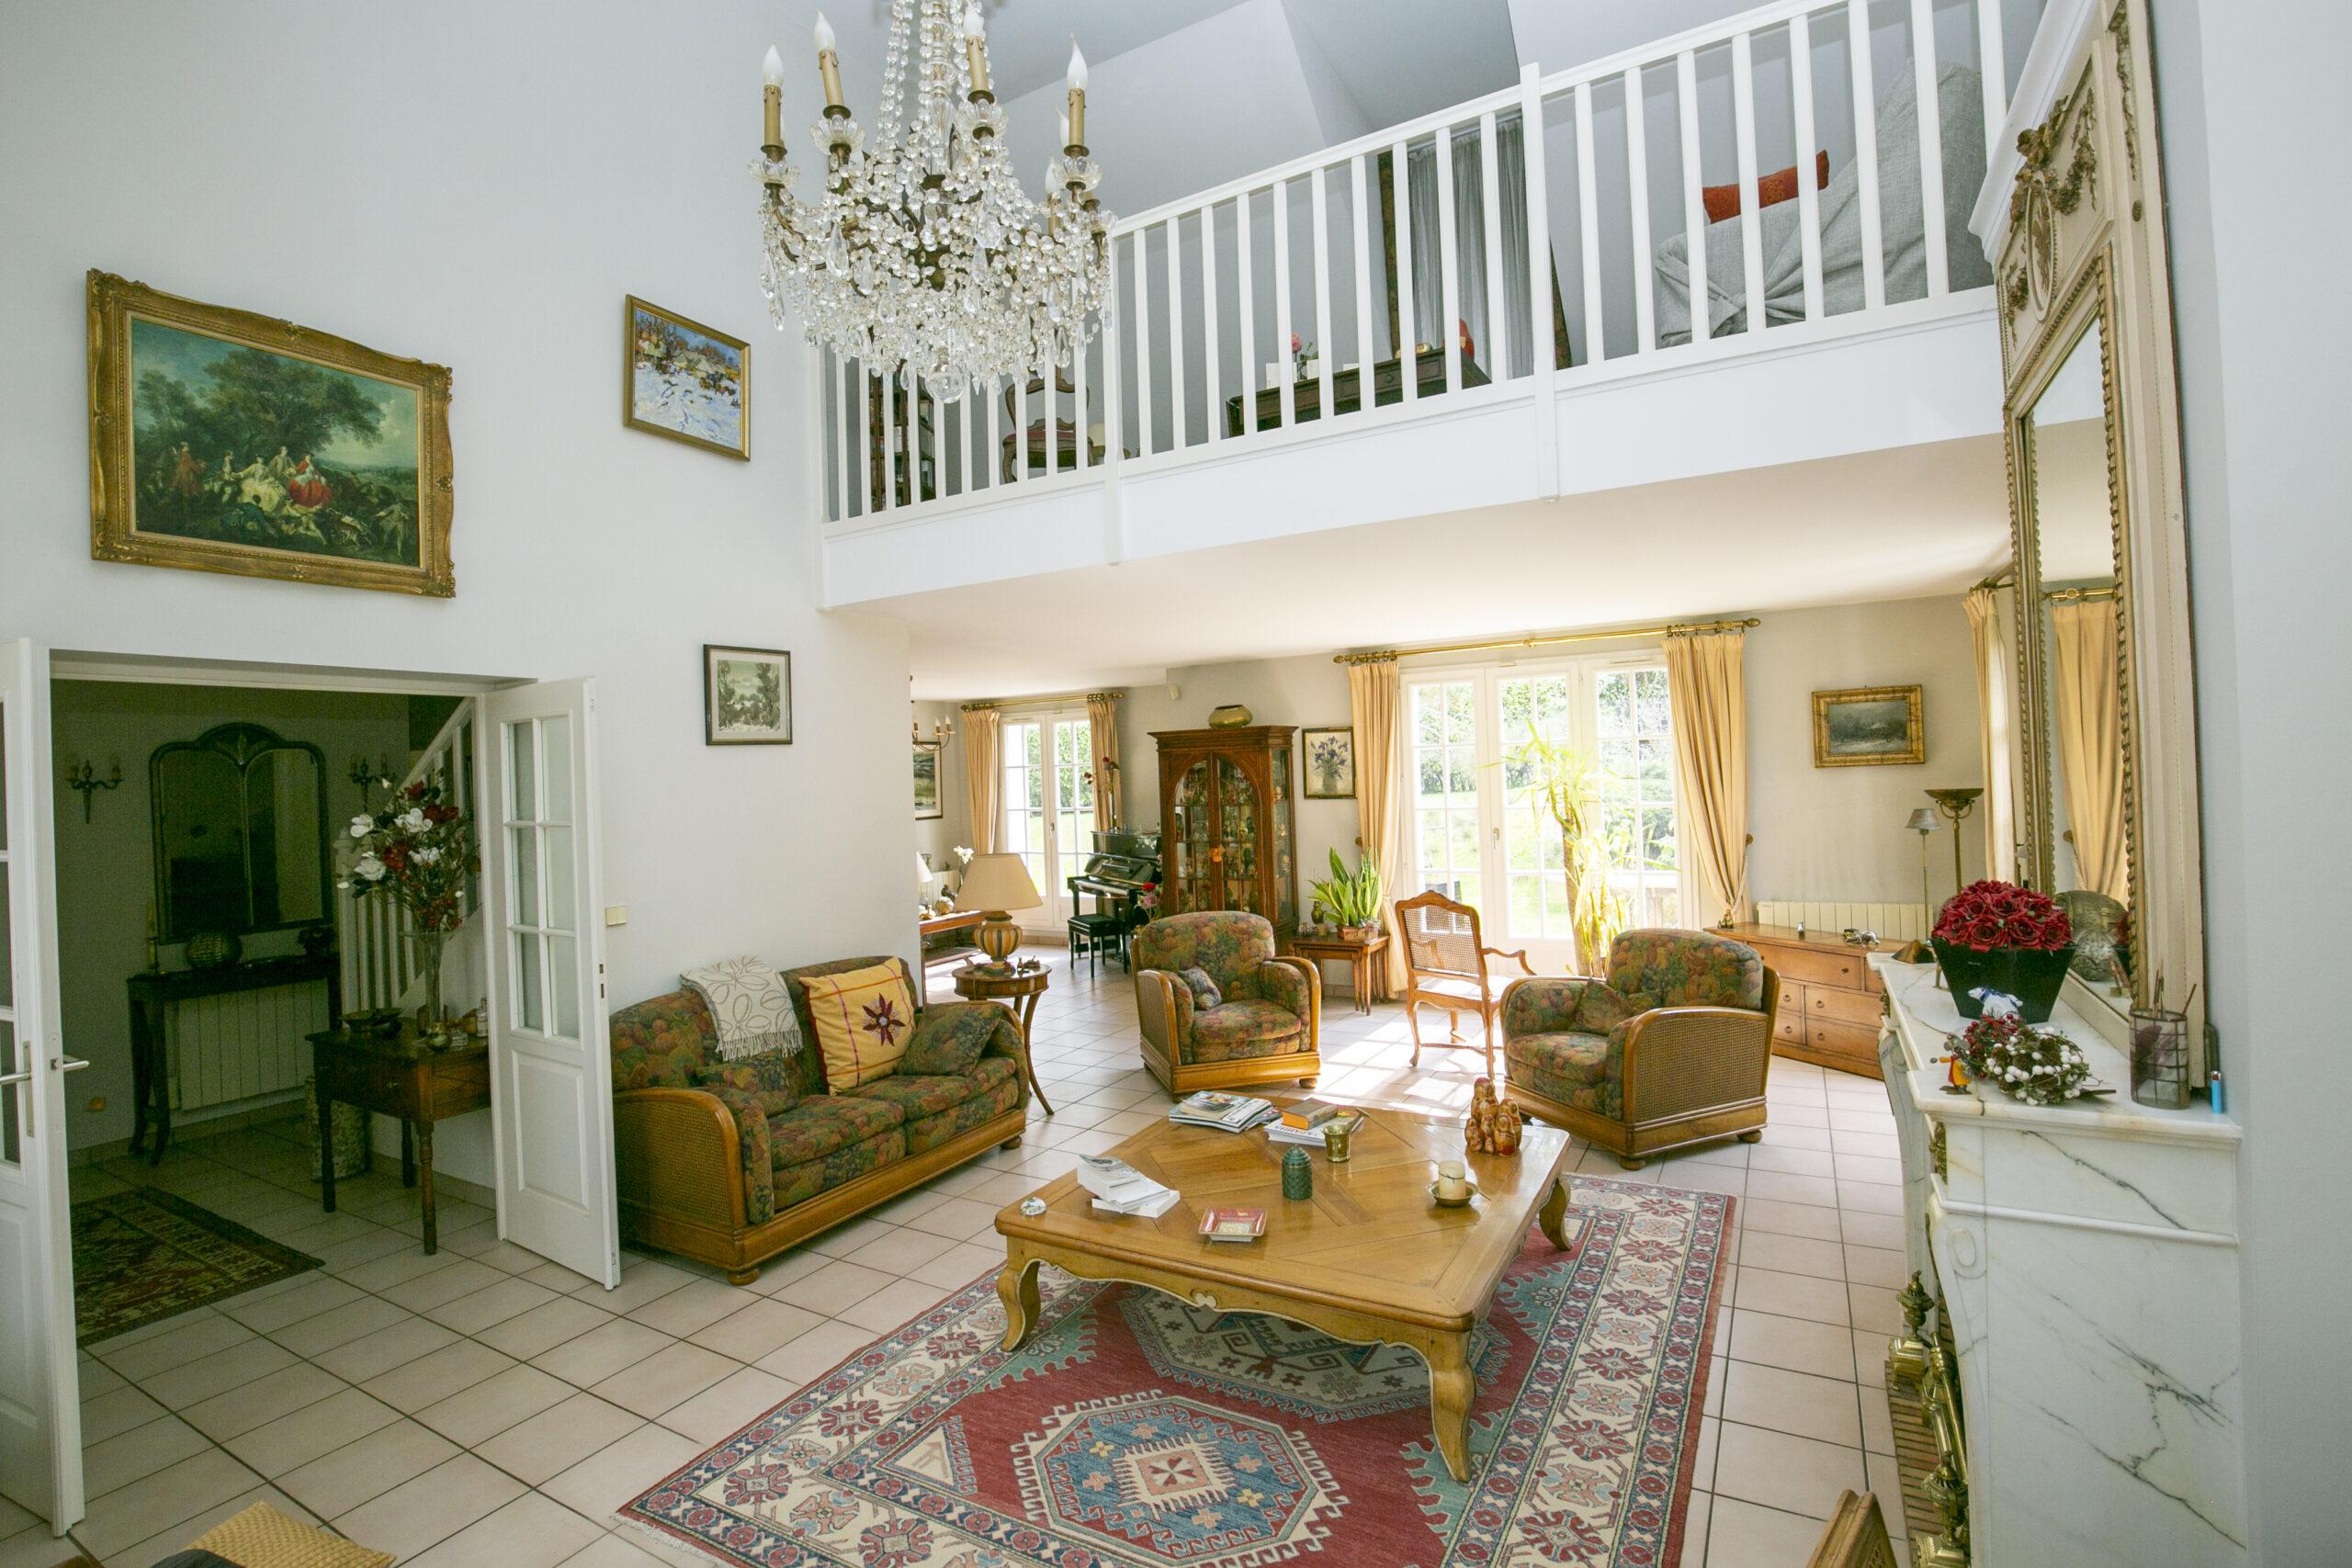 Maison 6 pièces – 162 m² – St Rémy les Chevreuse – Yvelines -78